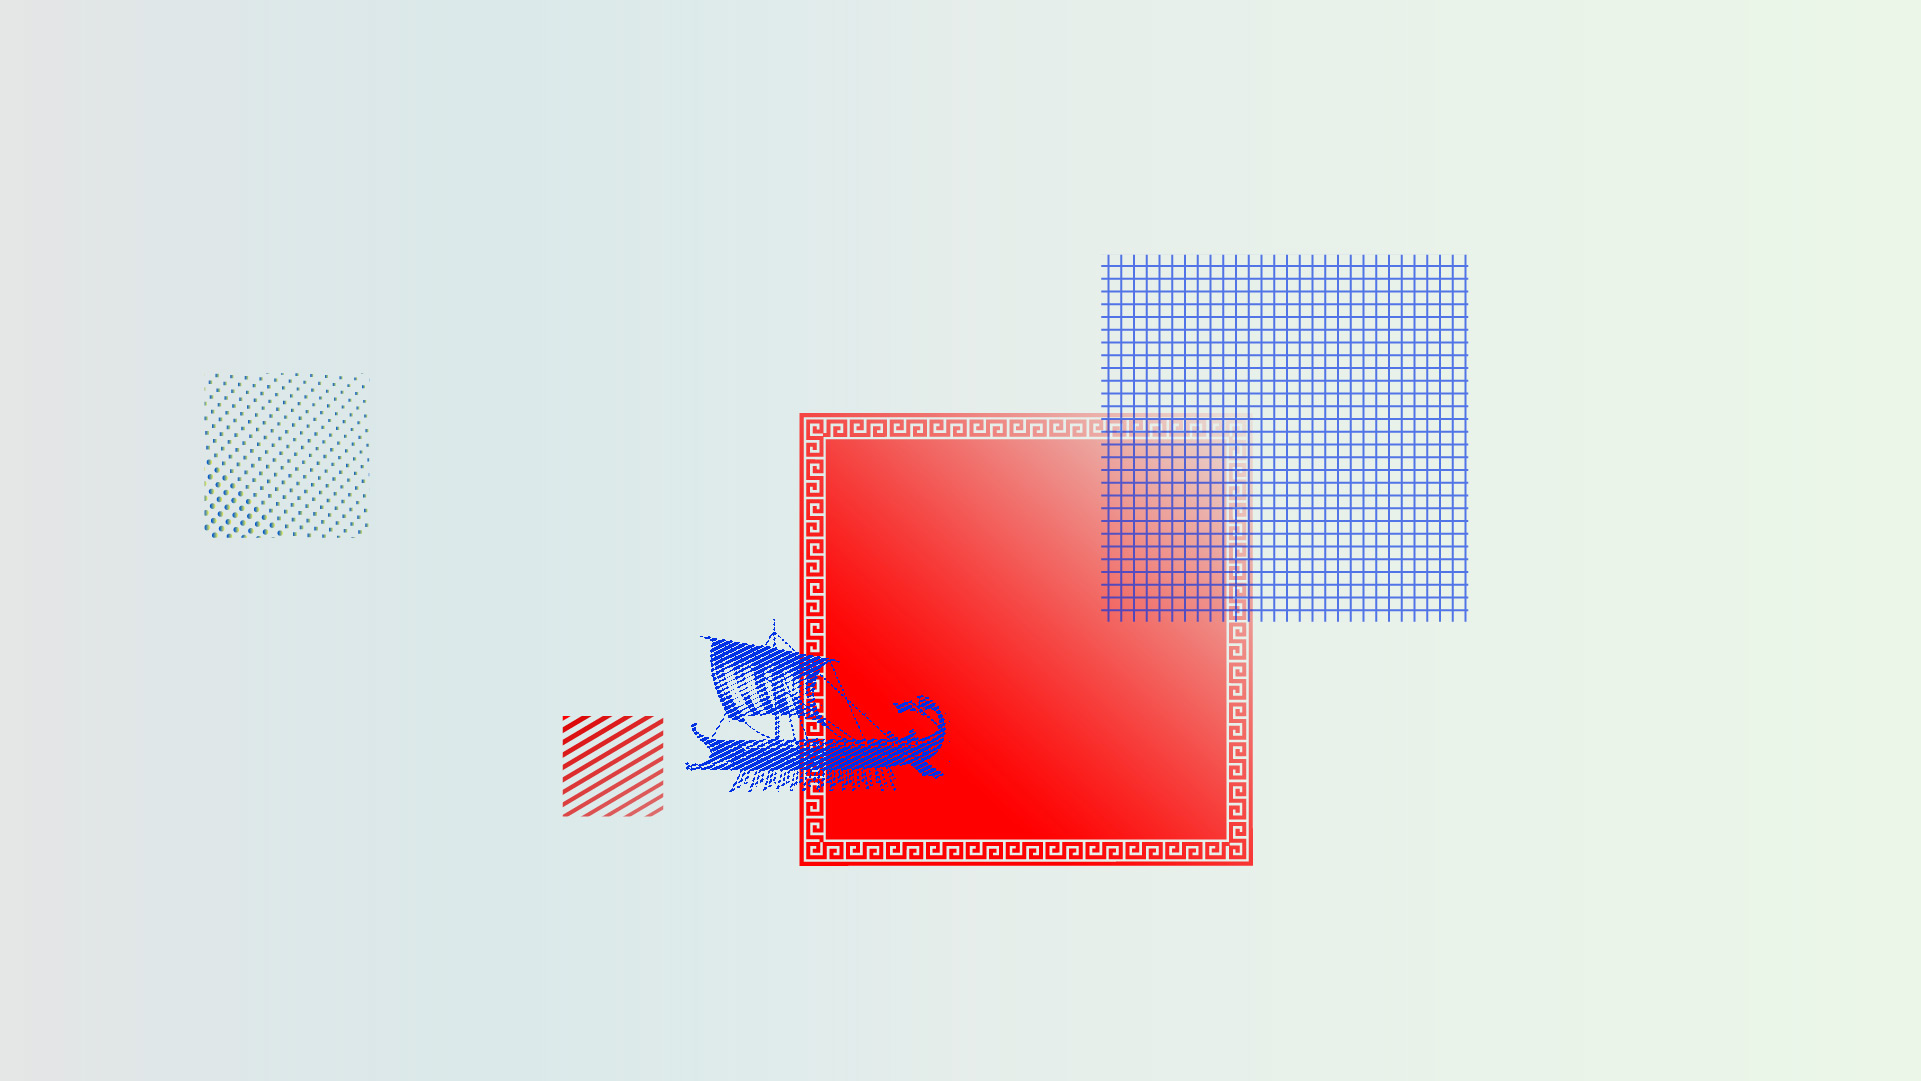 dzurmaw_styles_0607-08